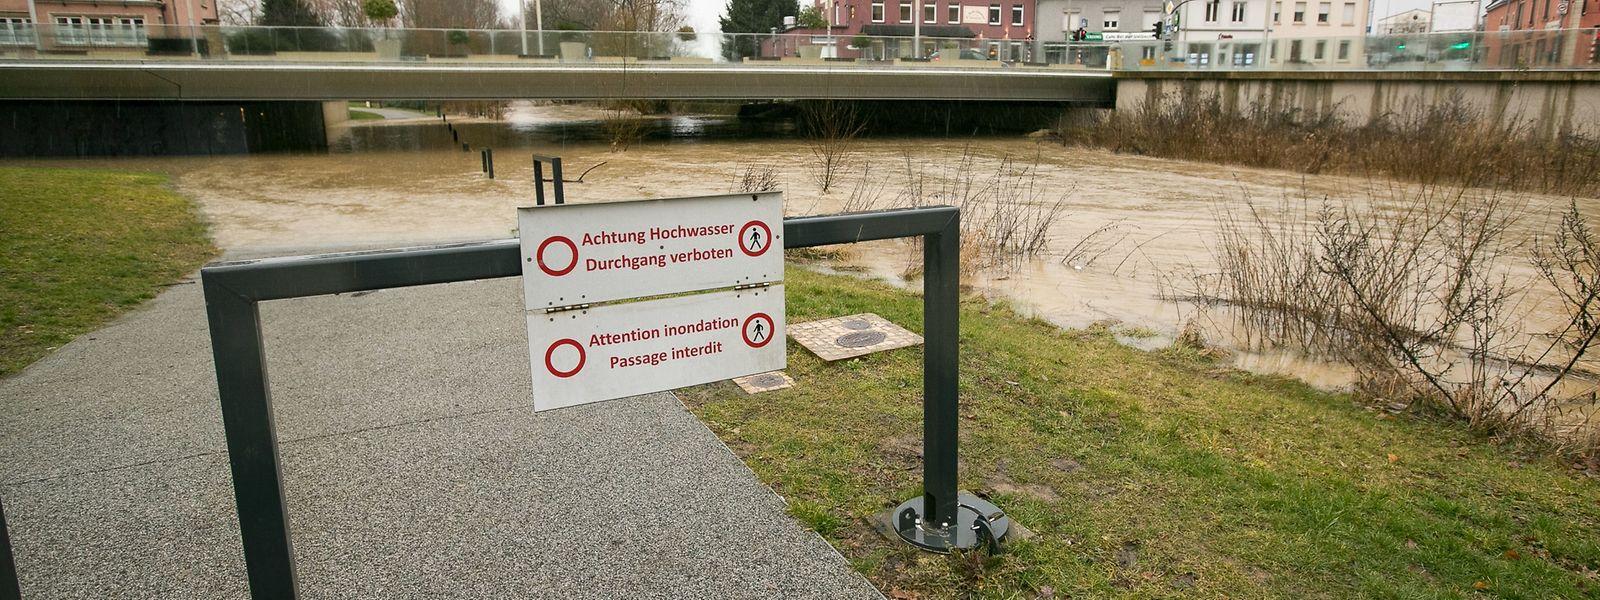 Hesperingen hat sich auf das Hochwasser vorbereitet.